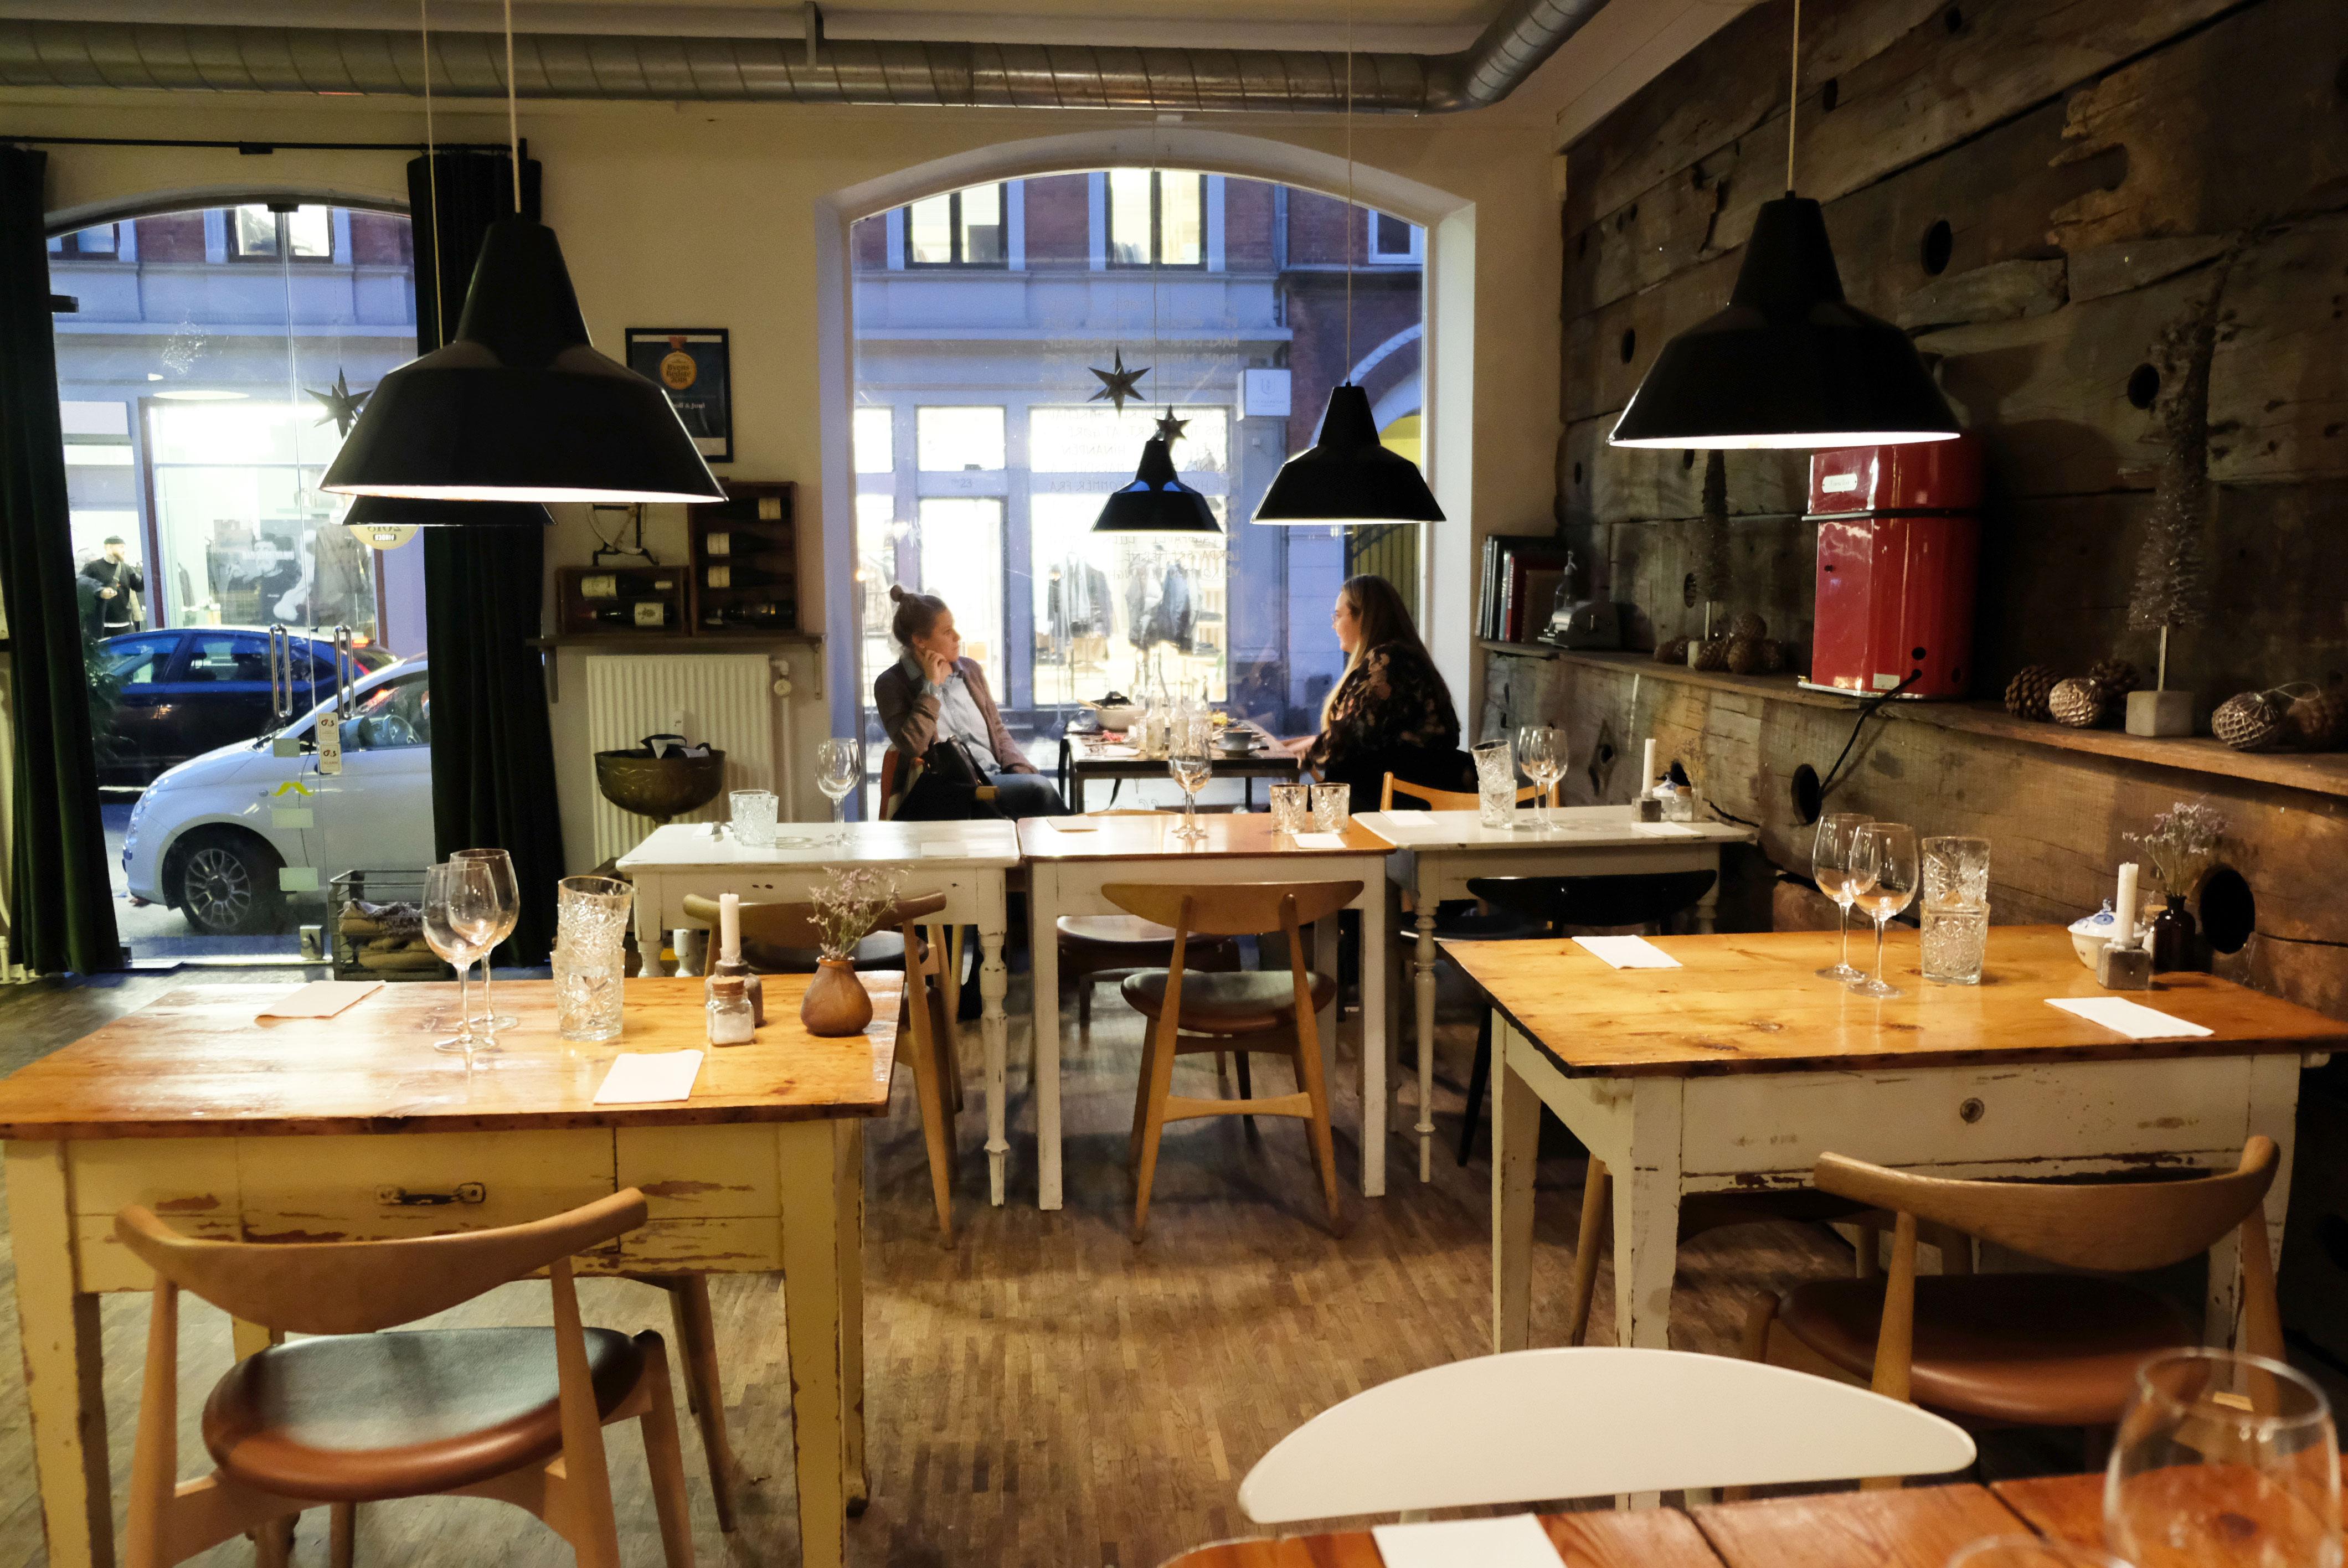 Aarhus_Foodtastic_DSCF9222